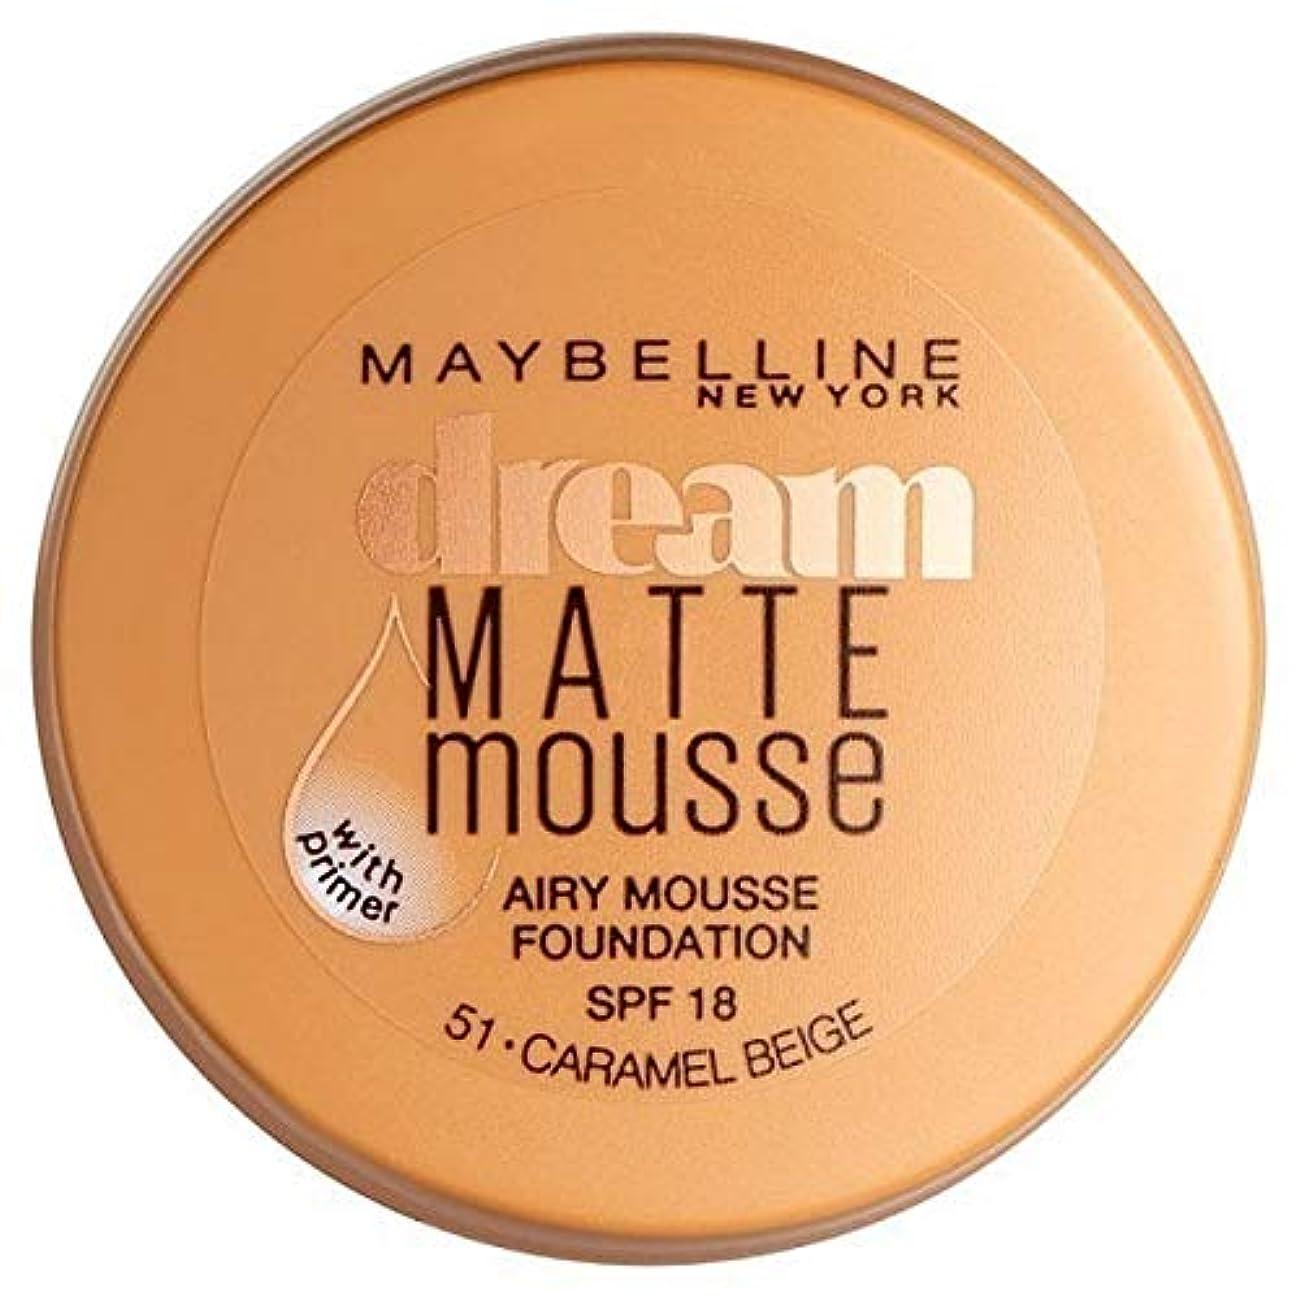 ミシン目うなずくサーカス[Maybelline ] メイベリン夢のマットムース基盤051キャラメルベージュ - Maybelline Dream Matte Mousse Foundation 051 Caramel Beige [並行輸入品]